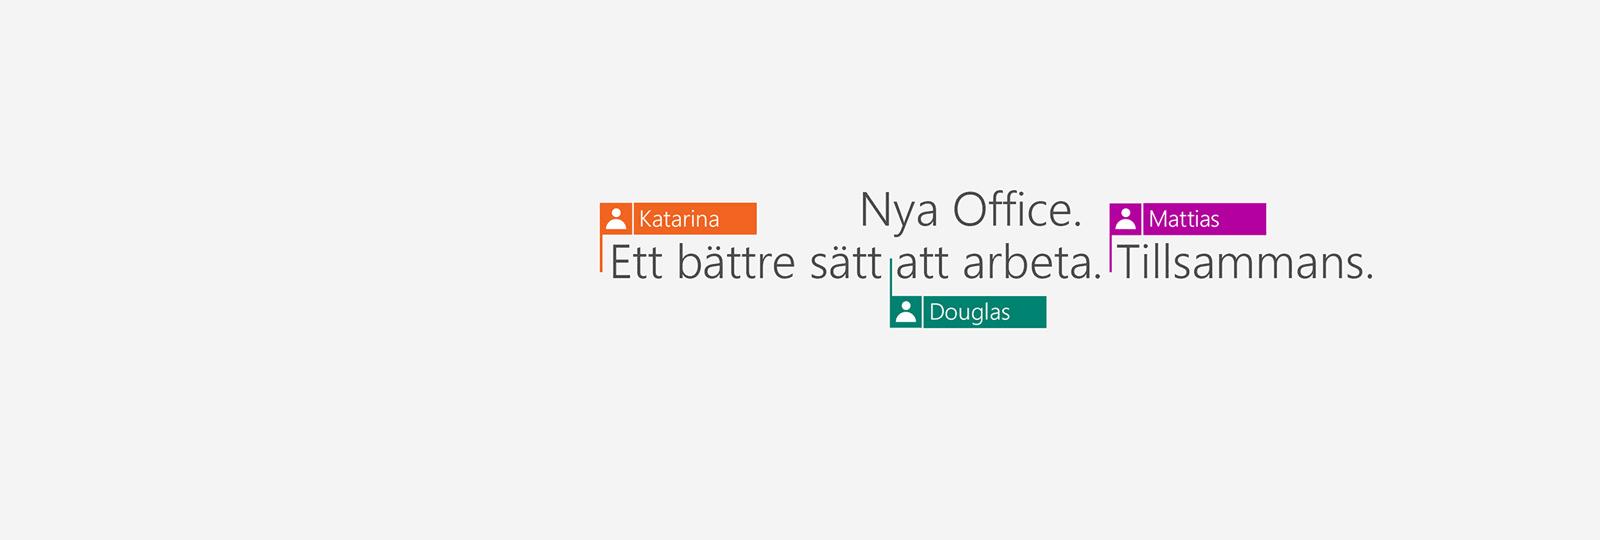 Köp Office 365 och få 2016 års appar.